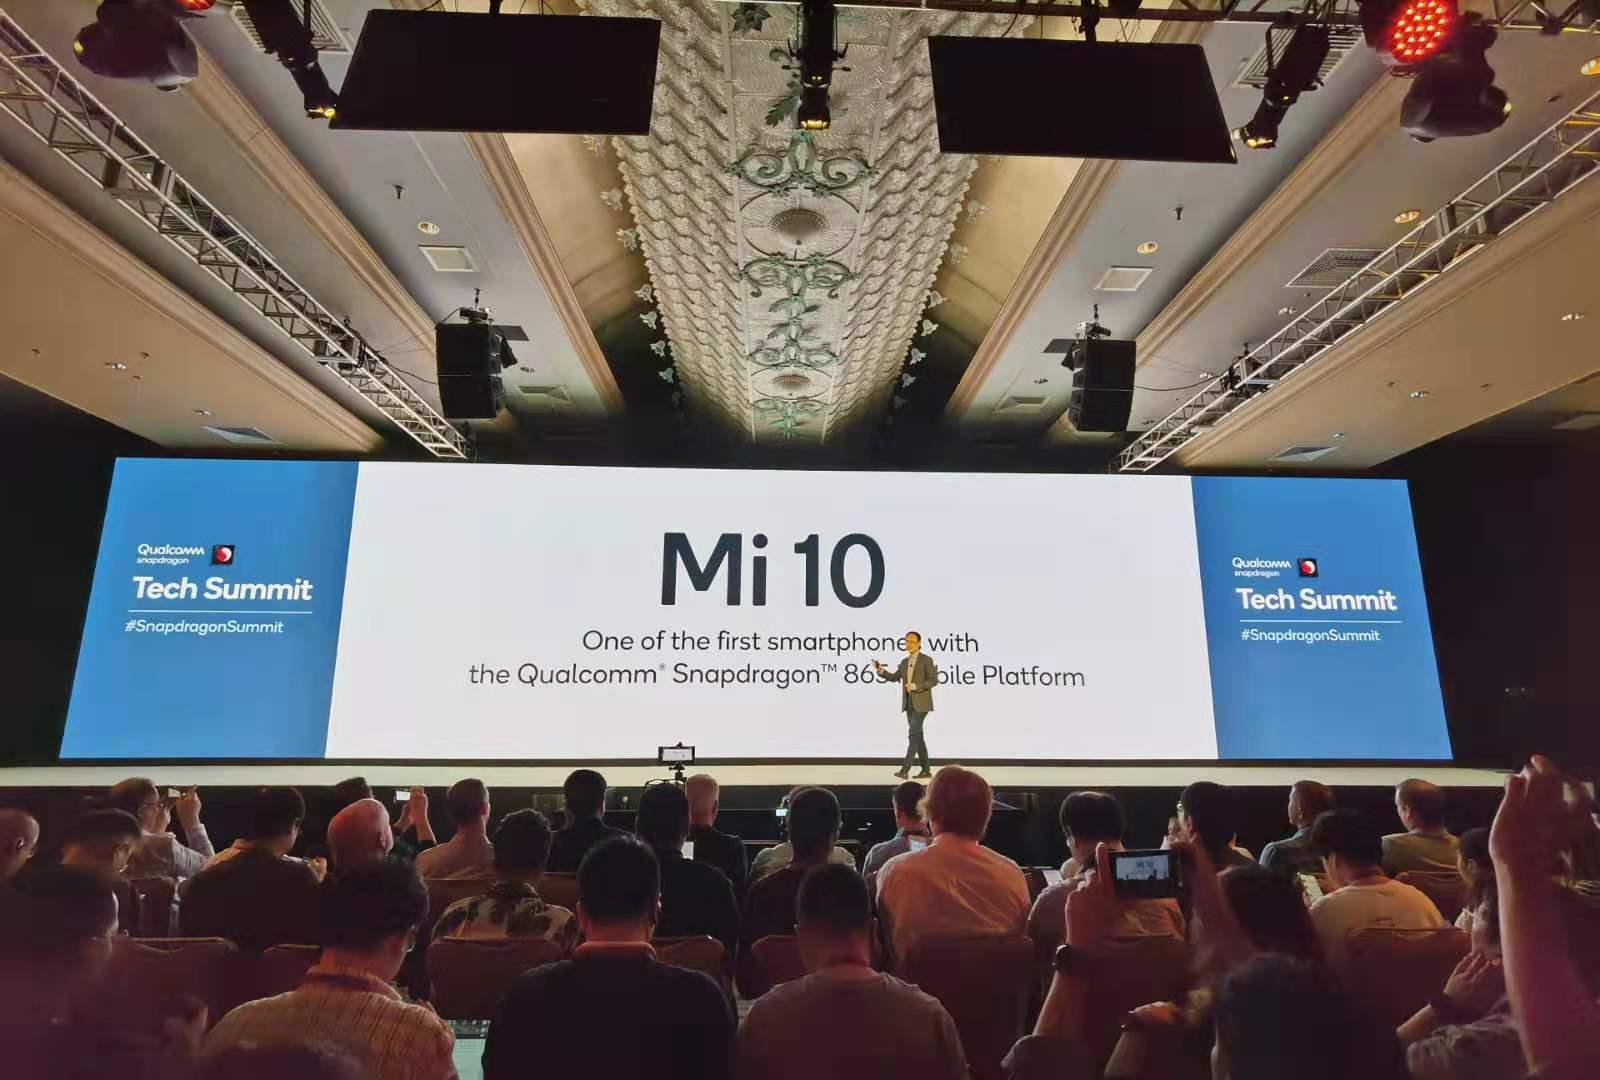 El Xiaomi Mi 10 será uno de los primeros móviles con el chip Snapdragon 865